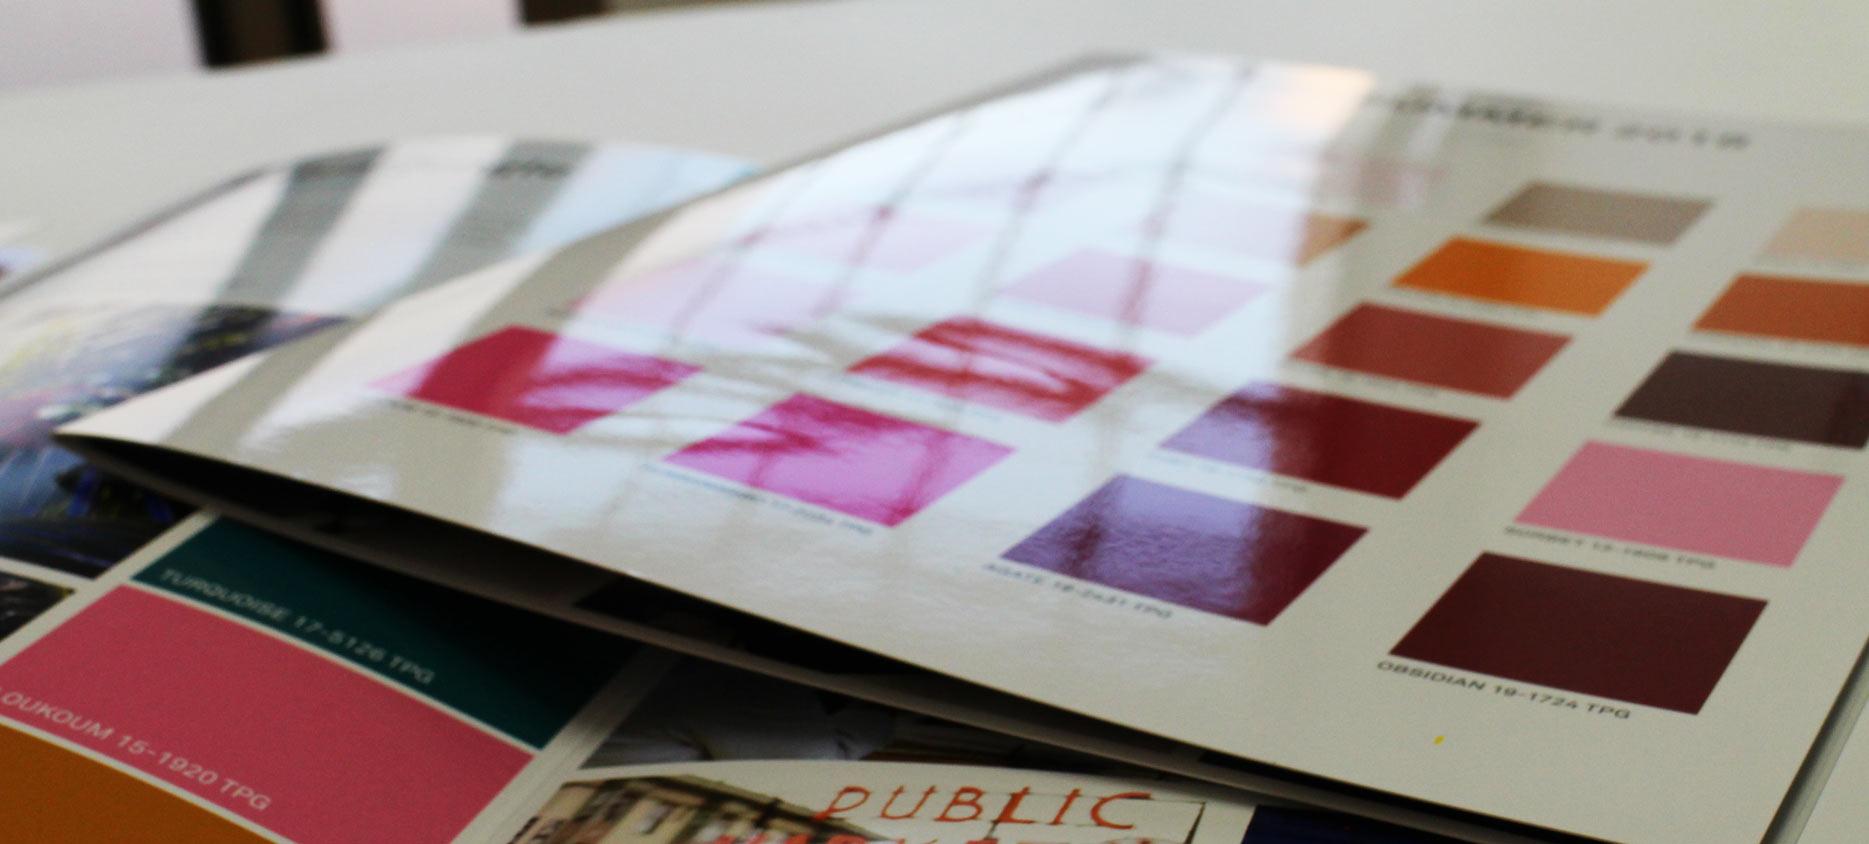 supergrafica tipografia santa croce sull'arno stampa Cartelle mazzette colori